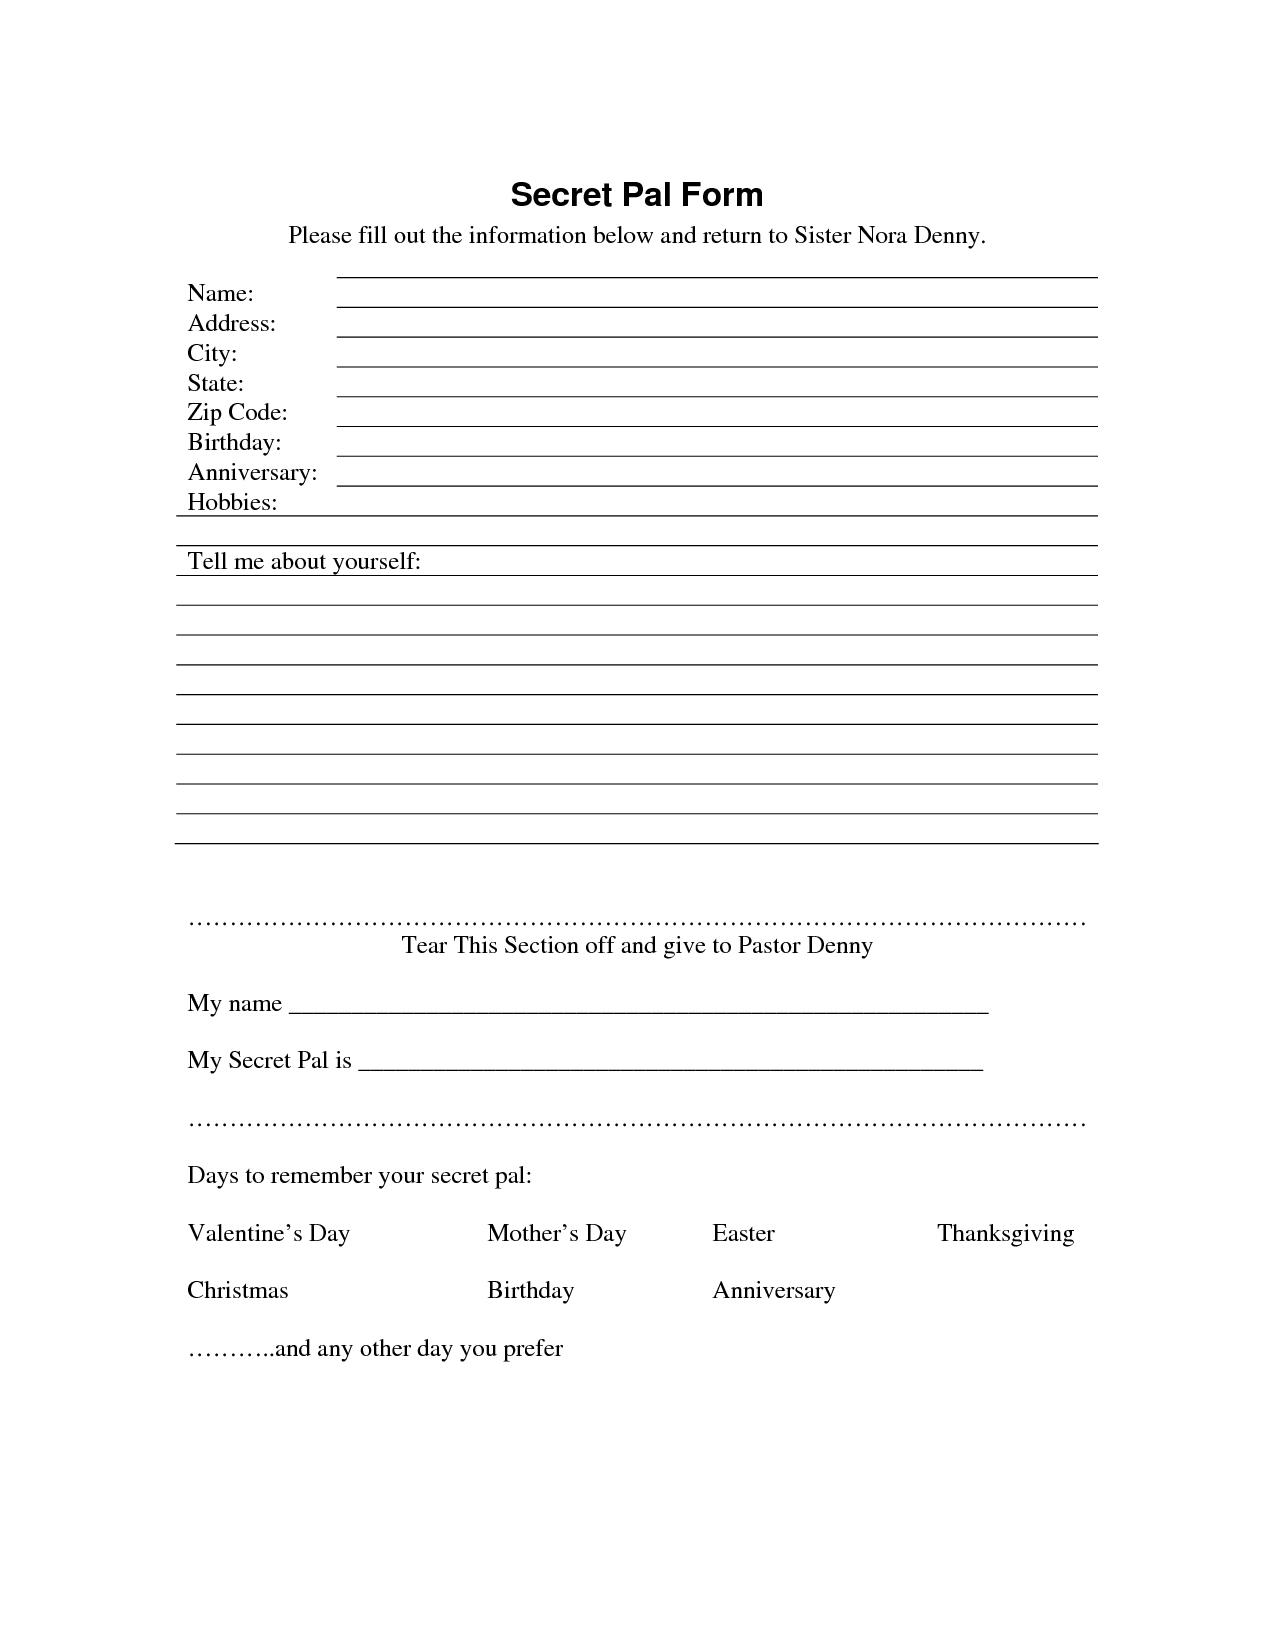 Secret Sister Questionnaire | Secret Pal Form - Download As Pdf - Free Printable Secret Pal Forms